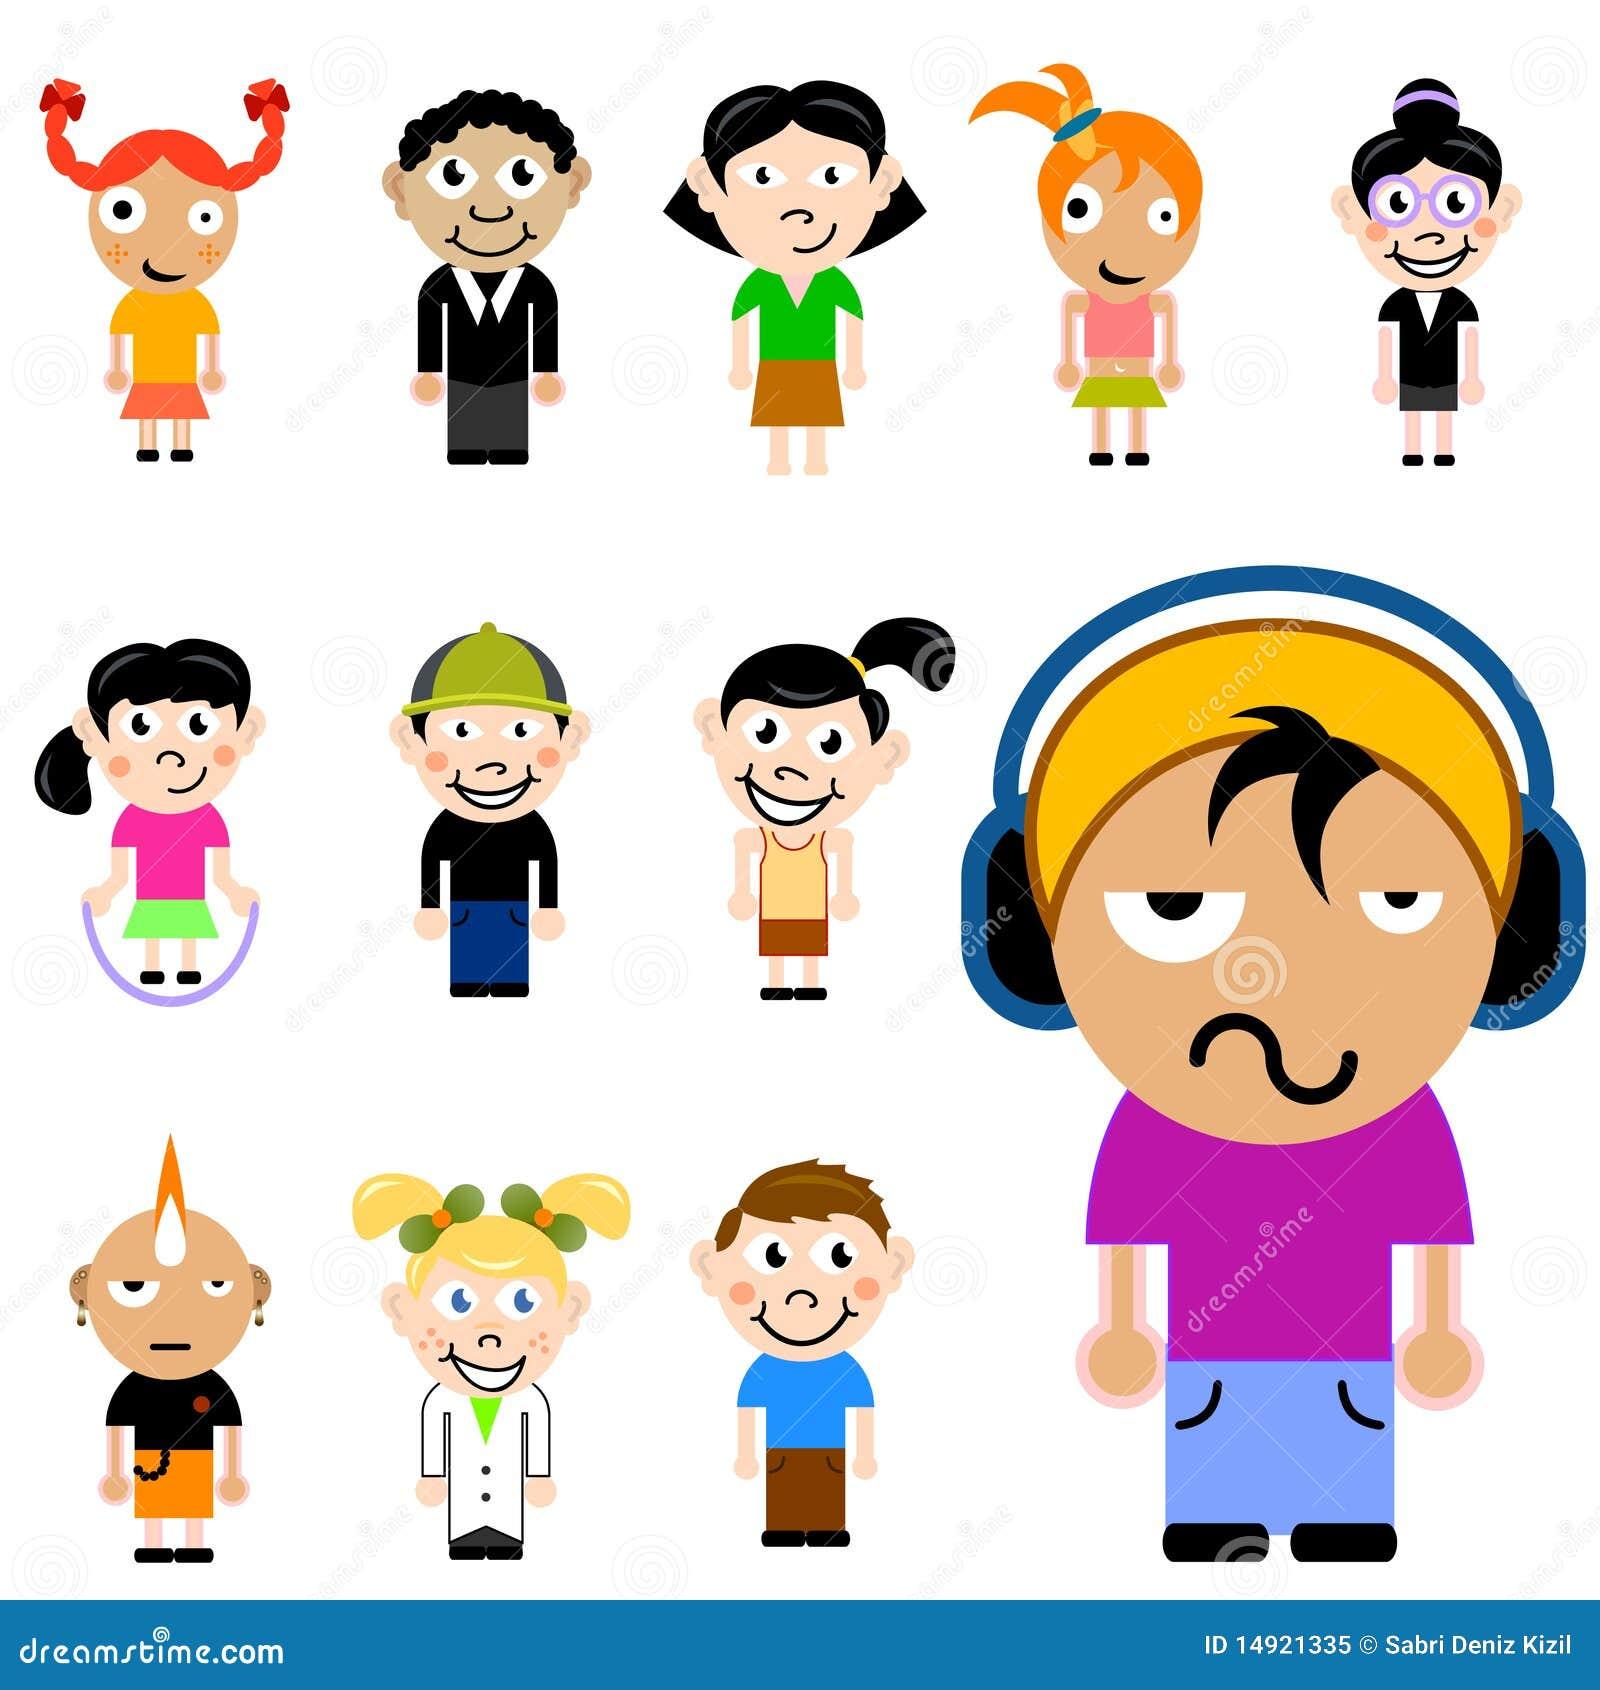 Dessin Anim 9 Ans: Jeu De Caractères D'enfants De Dessin Animé Illustration